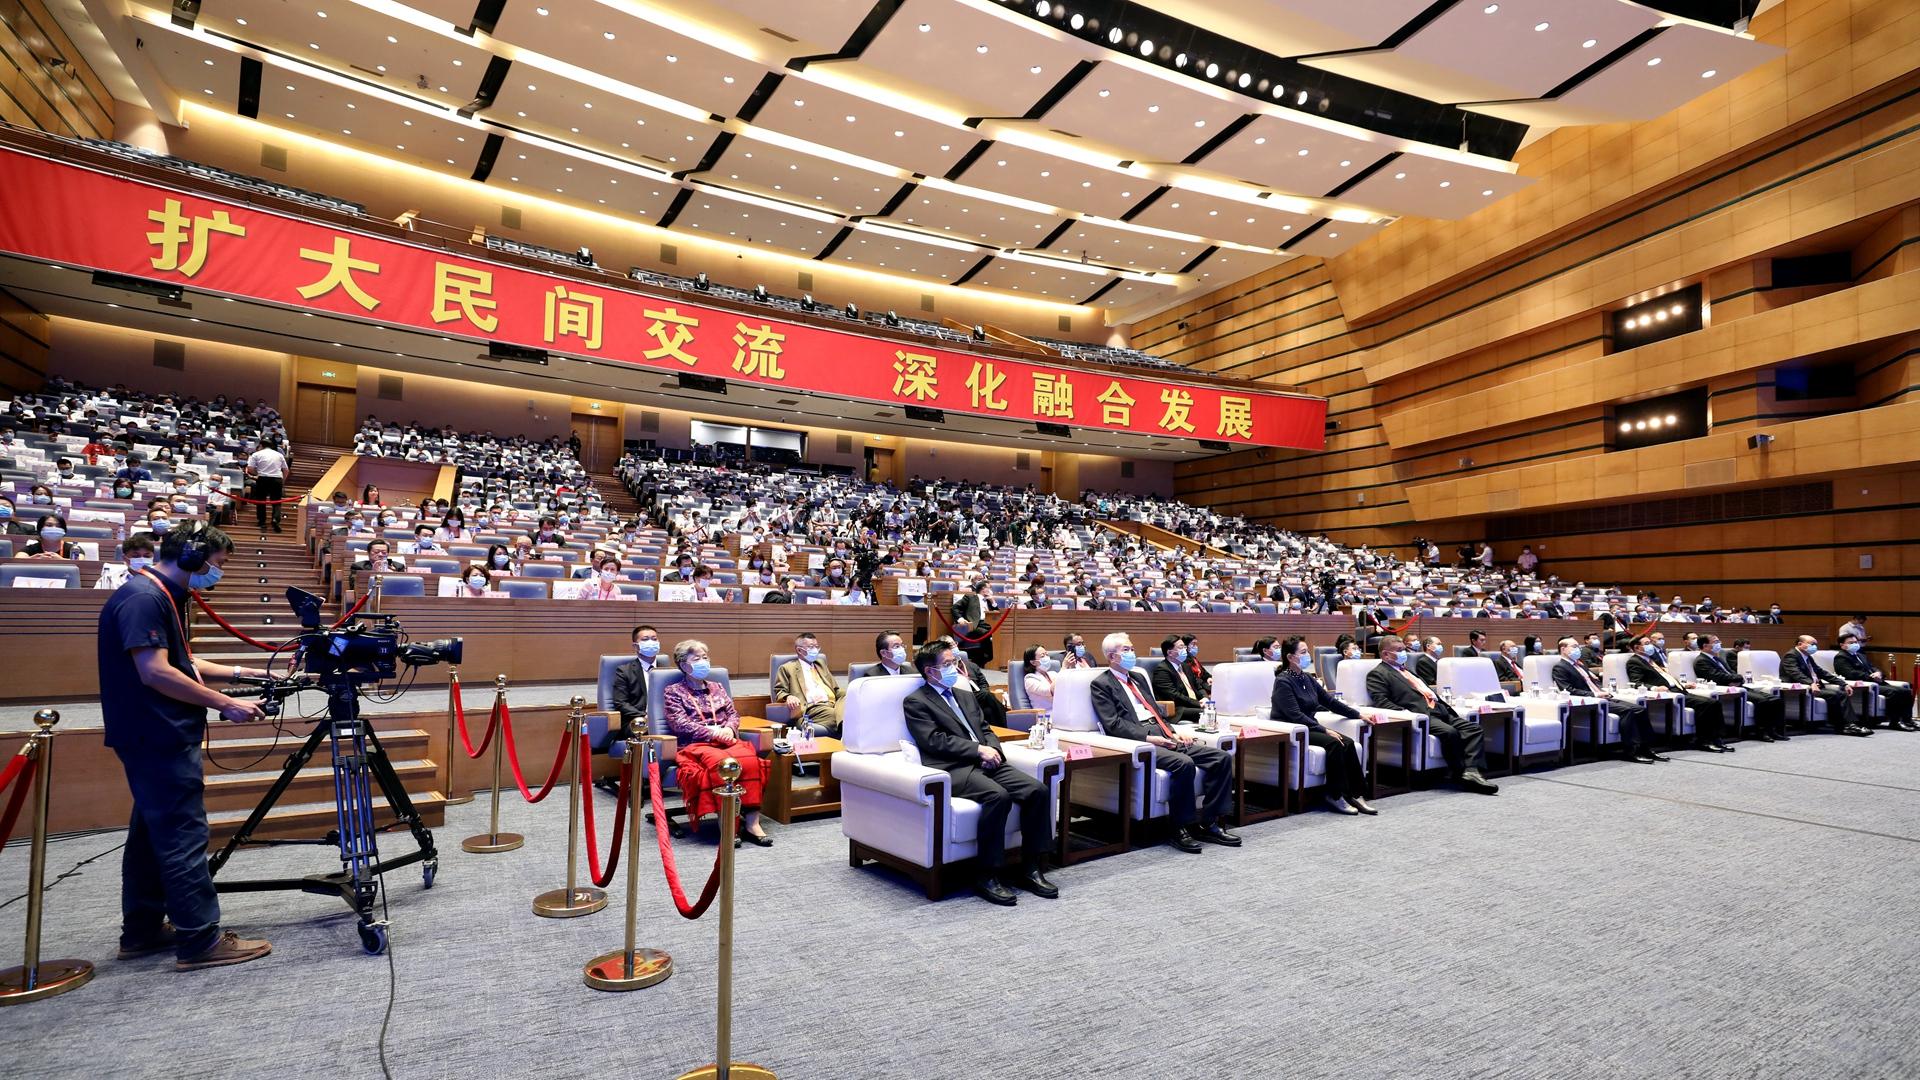 第十二届海峡论坛在厦门举行图片